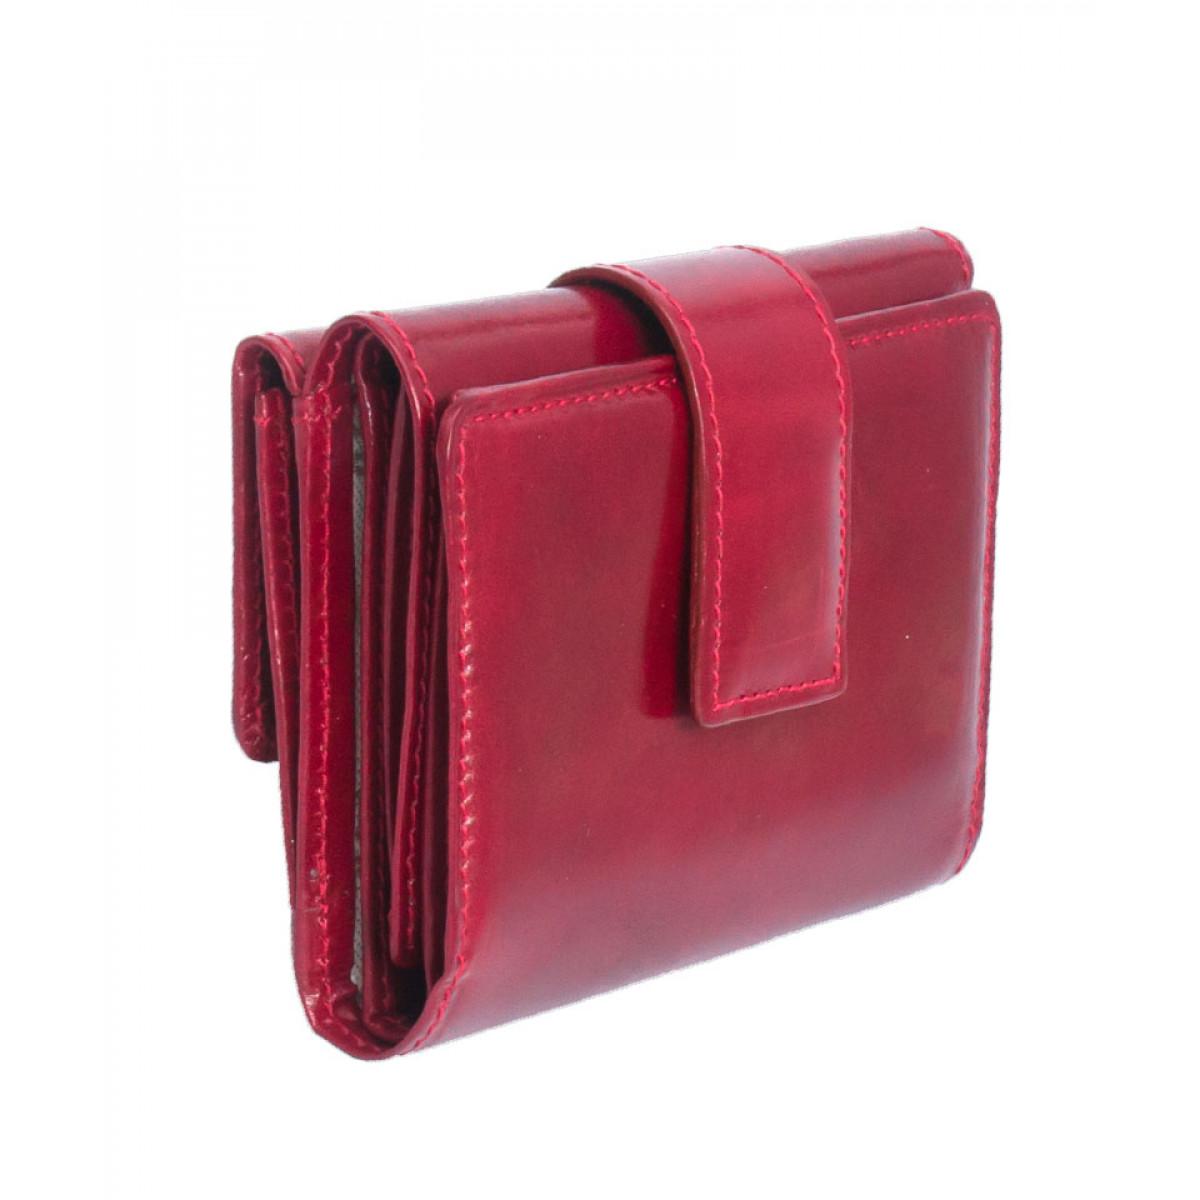 portofel dama piele rosu